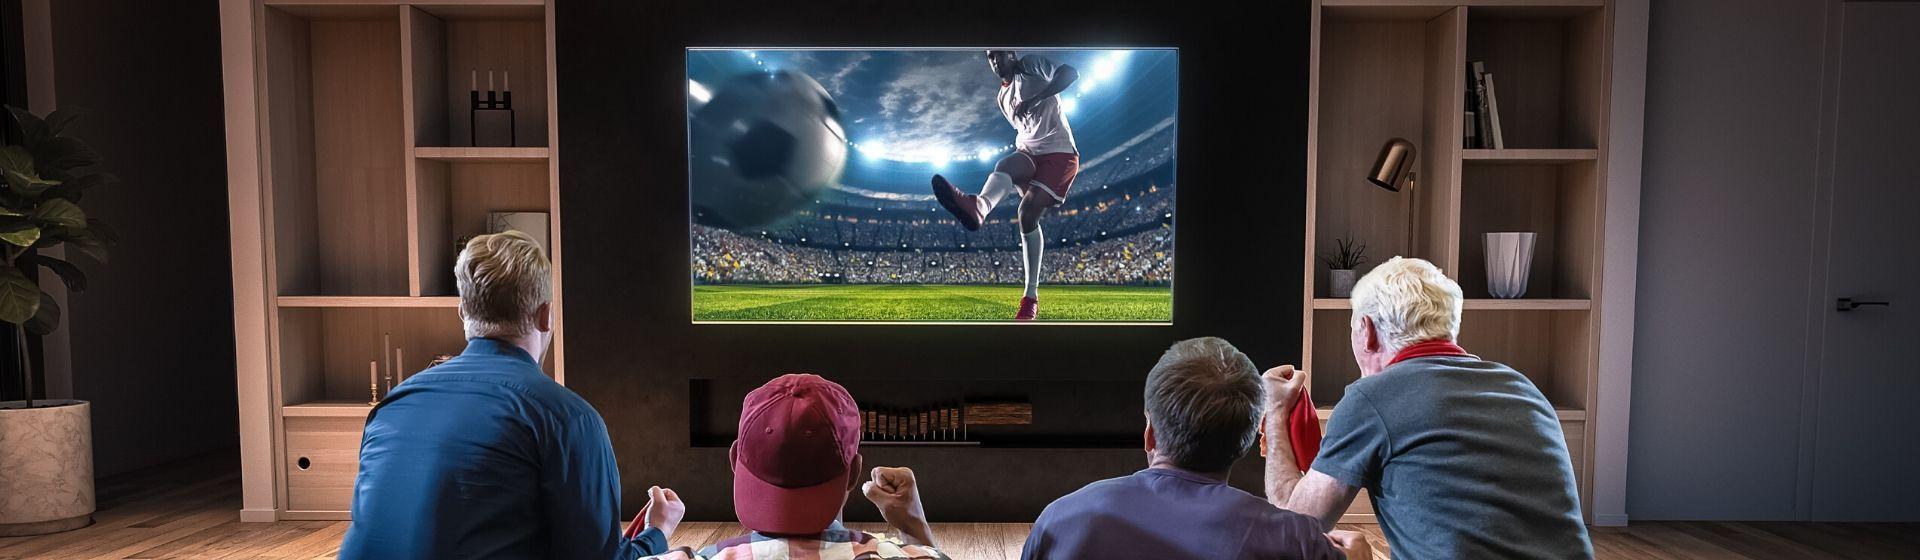 Smart TVs Full HD: veja as melhores opções para comprar em 2020